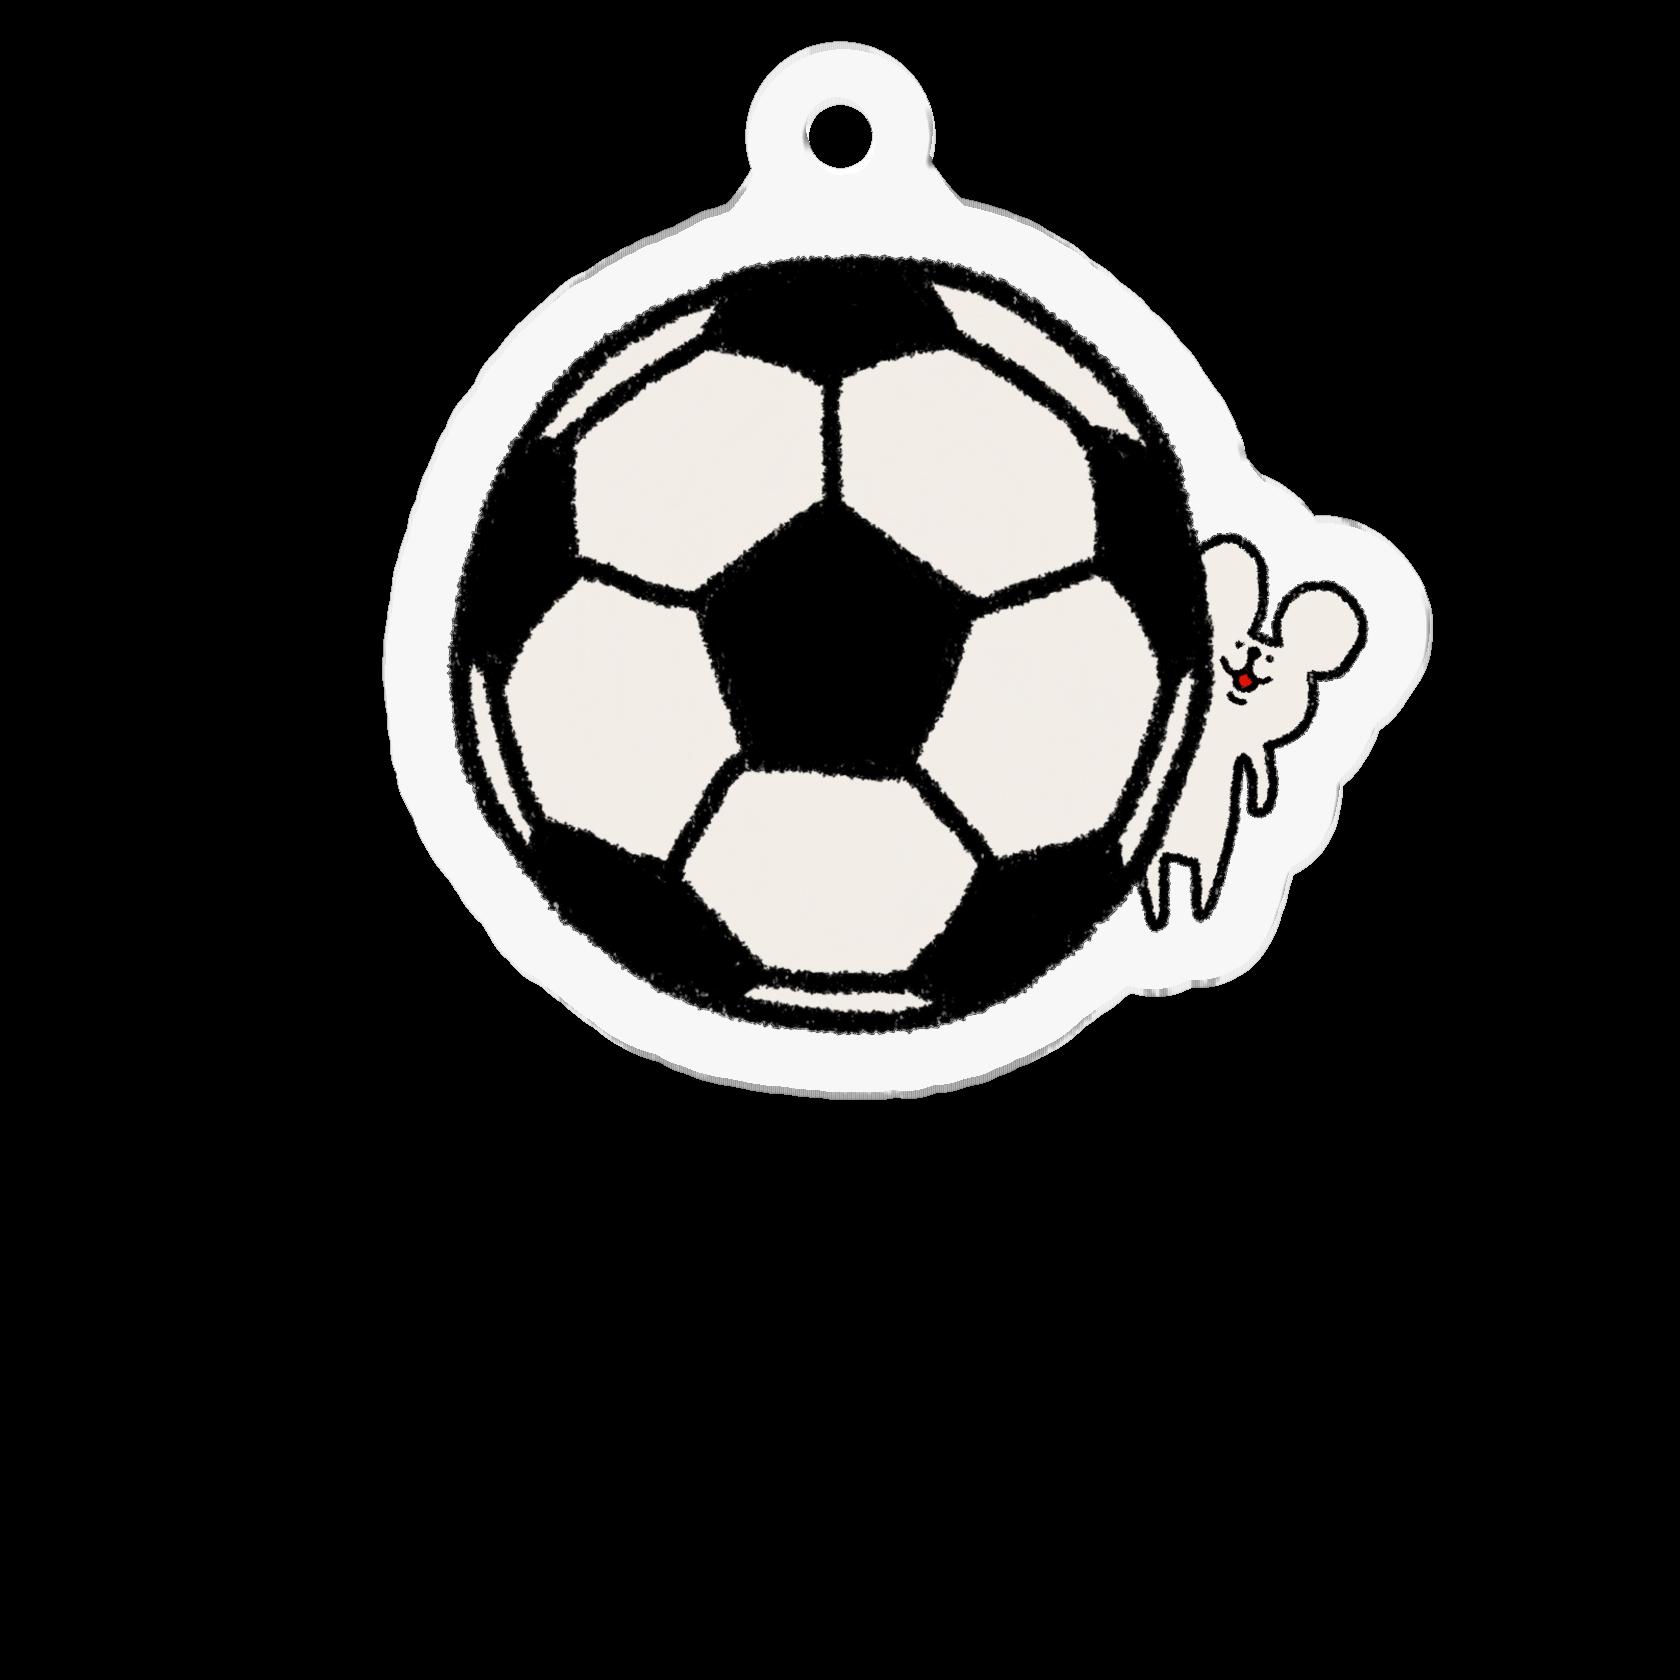 アクリルキーホルダー|サッカーしようや!